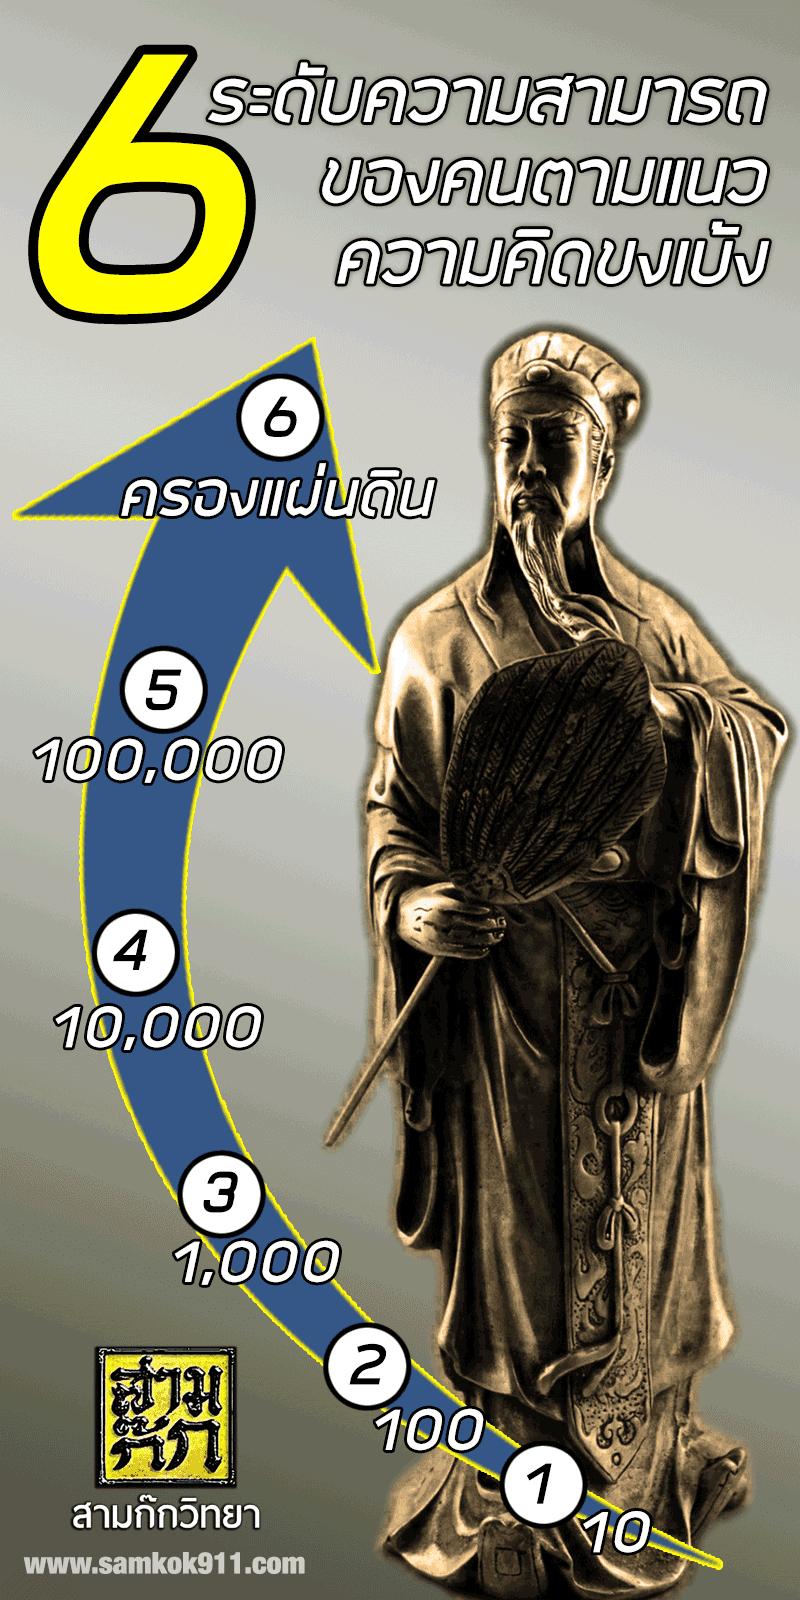 6 ระดับความสามารถของคน ตามแนวคิดขงเบ้ง